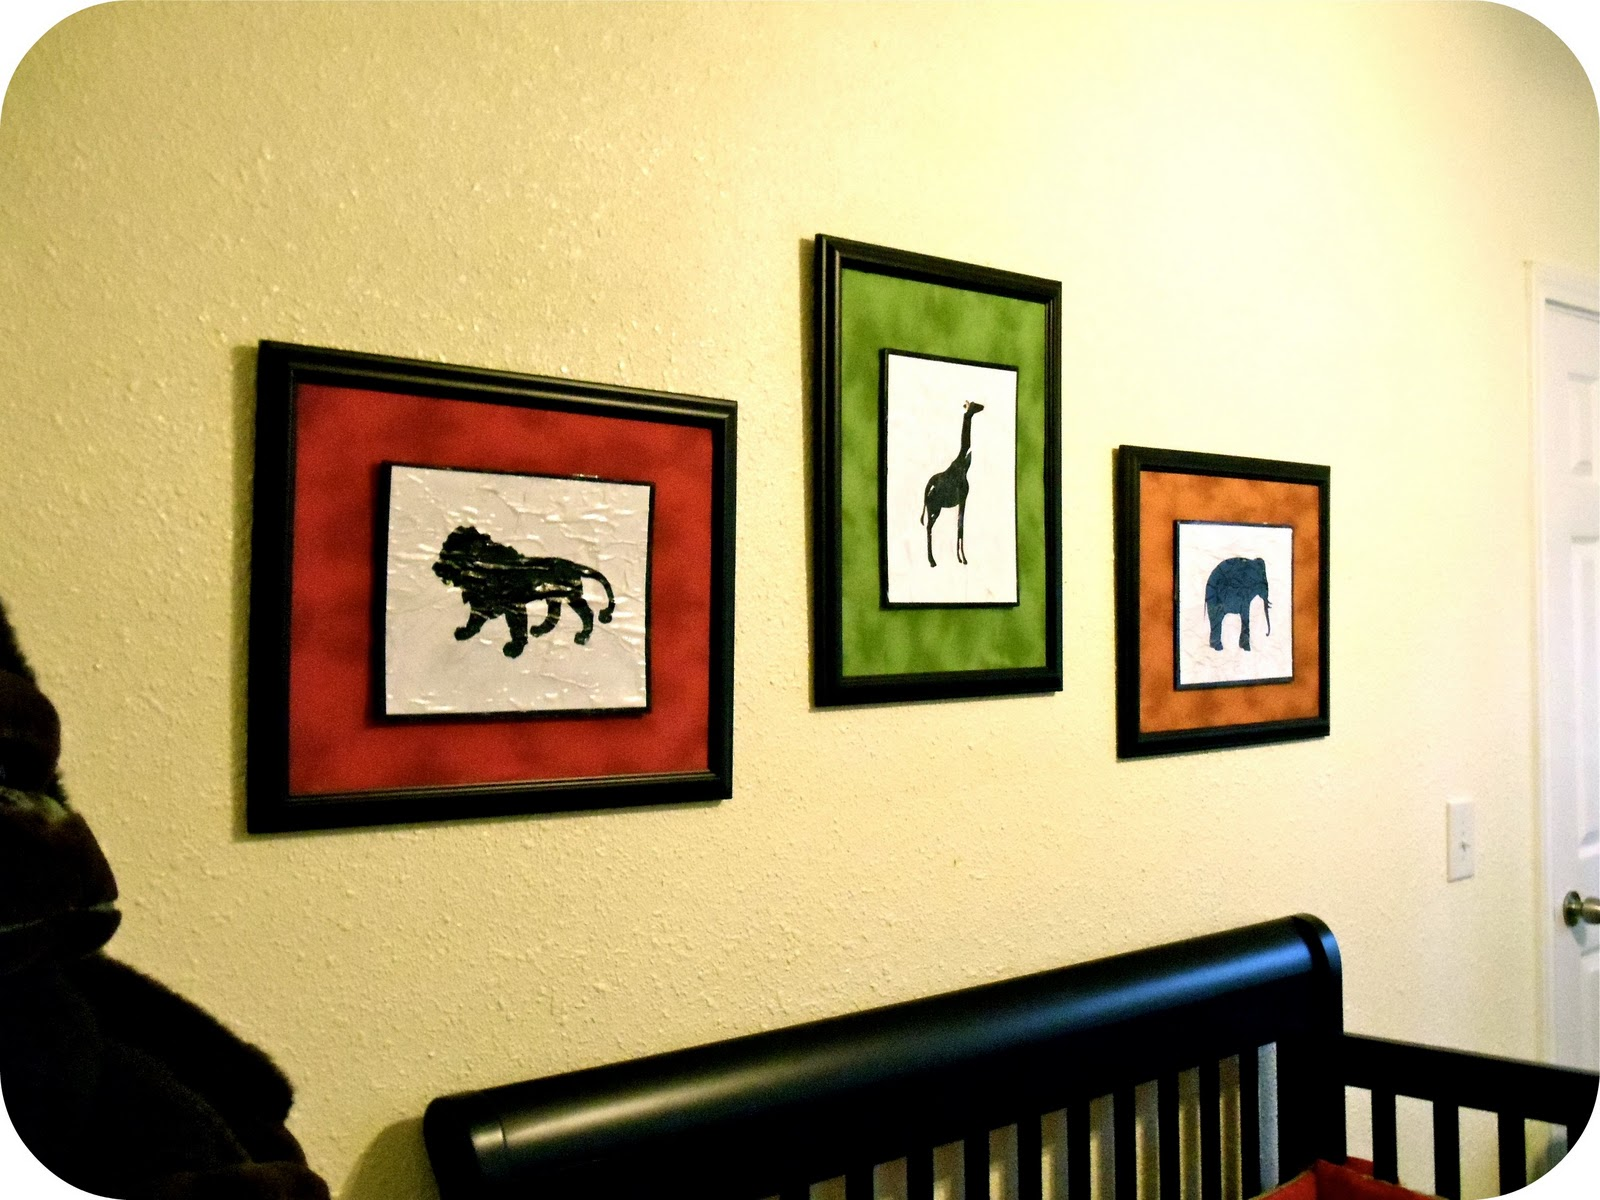 Kayla LeBaron Interiors: DIY Inexpensive Wall Art